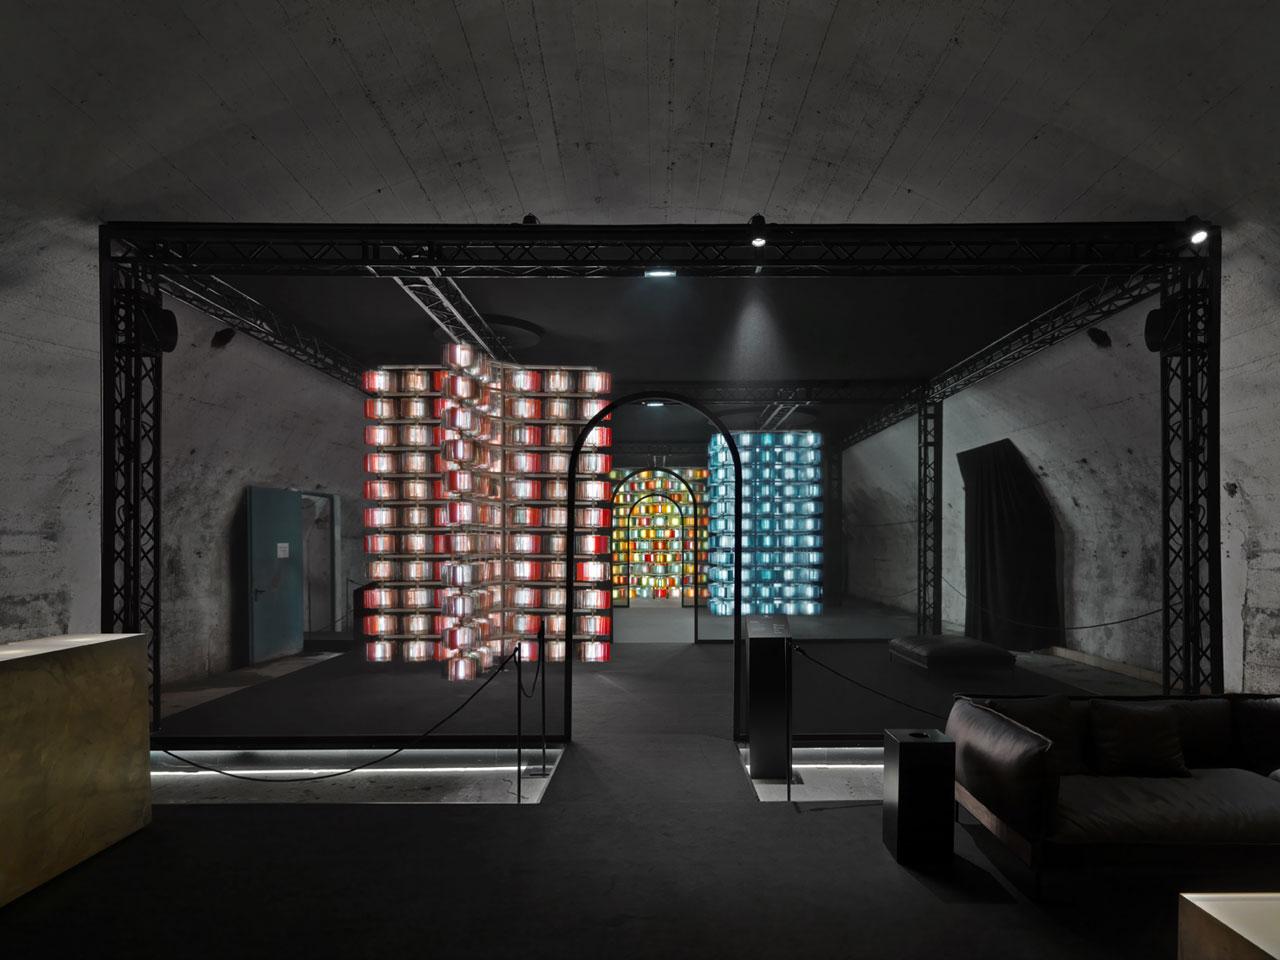 PYRAE / STRATA installation by Luca Nichetto for SALVIATIatVentura Centrale.Photo by Andrea Martinadonna.